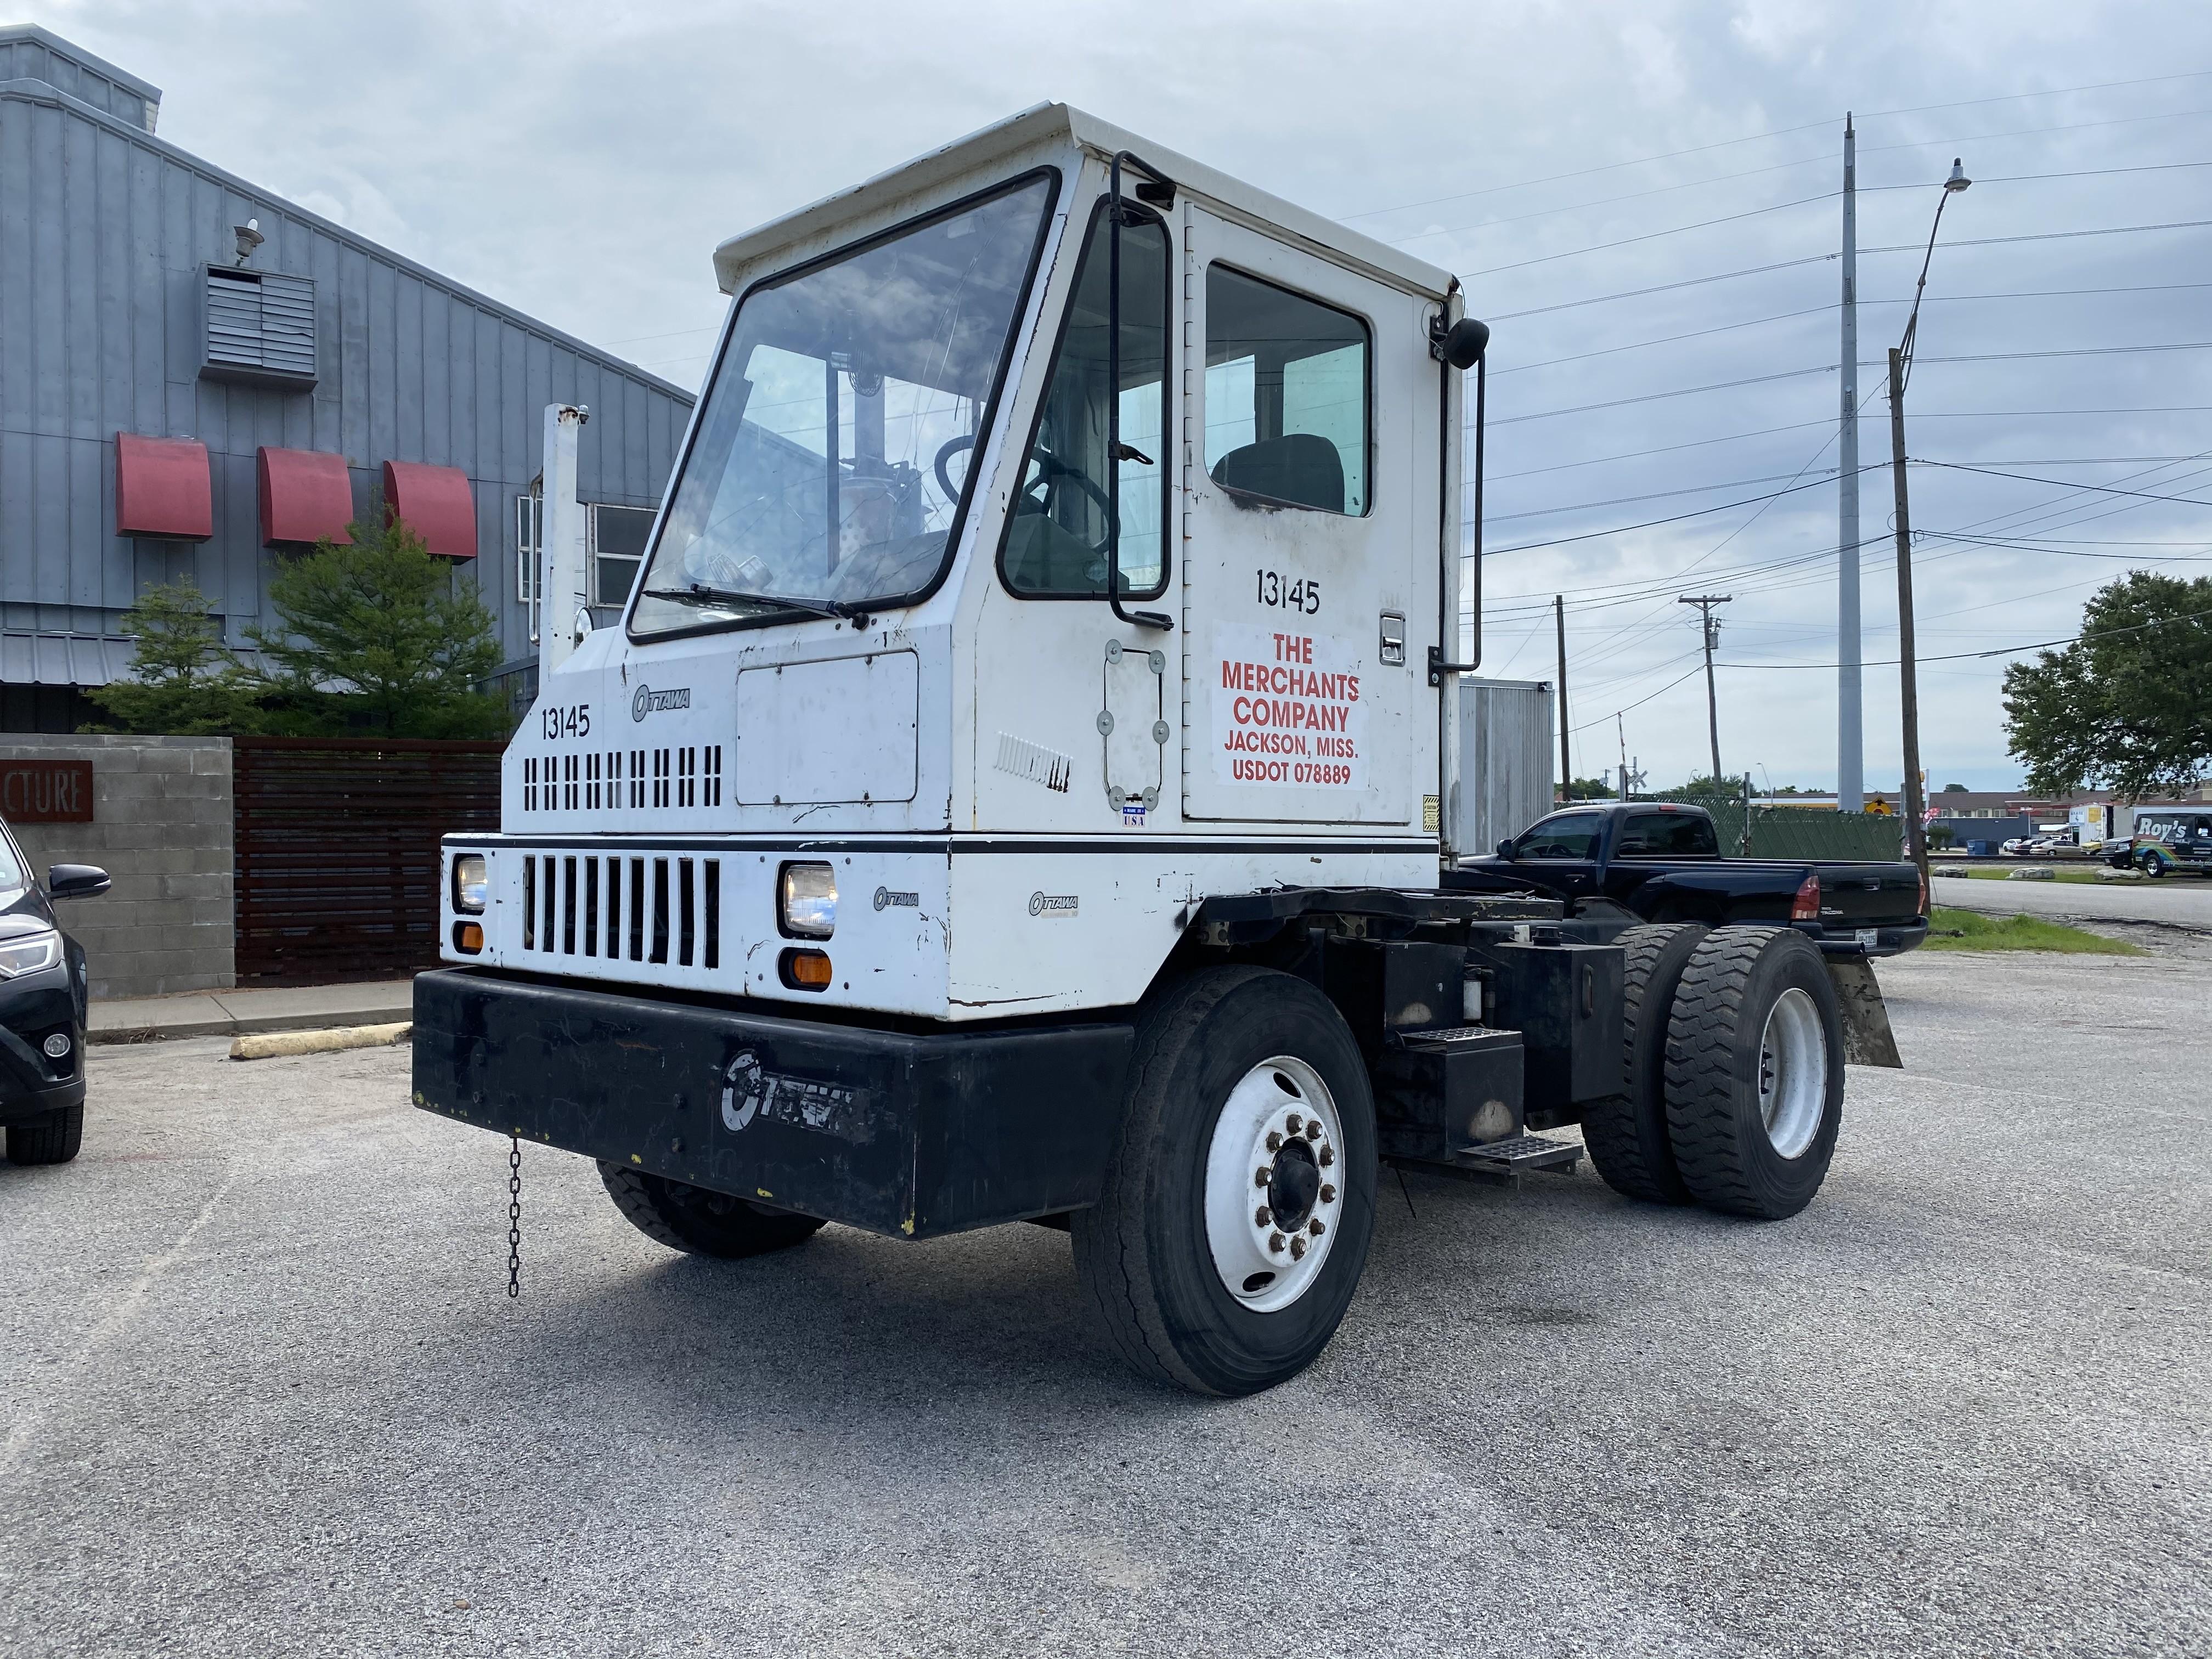 Used, 2000, Ottawa, 30, Yard Spotter Trucks